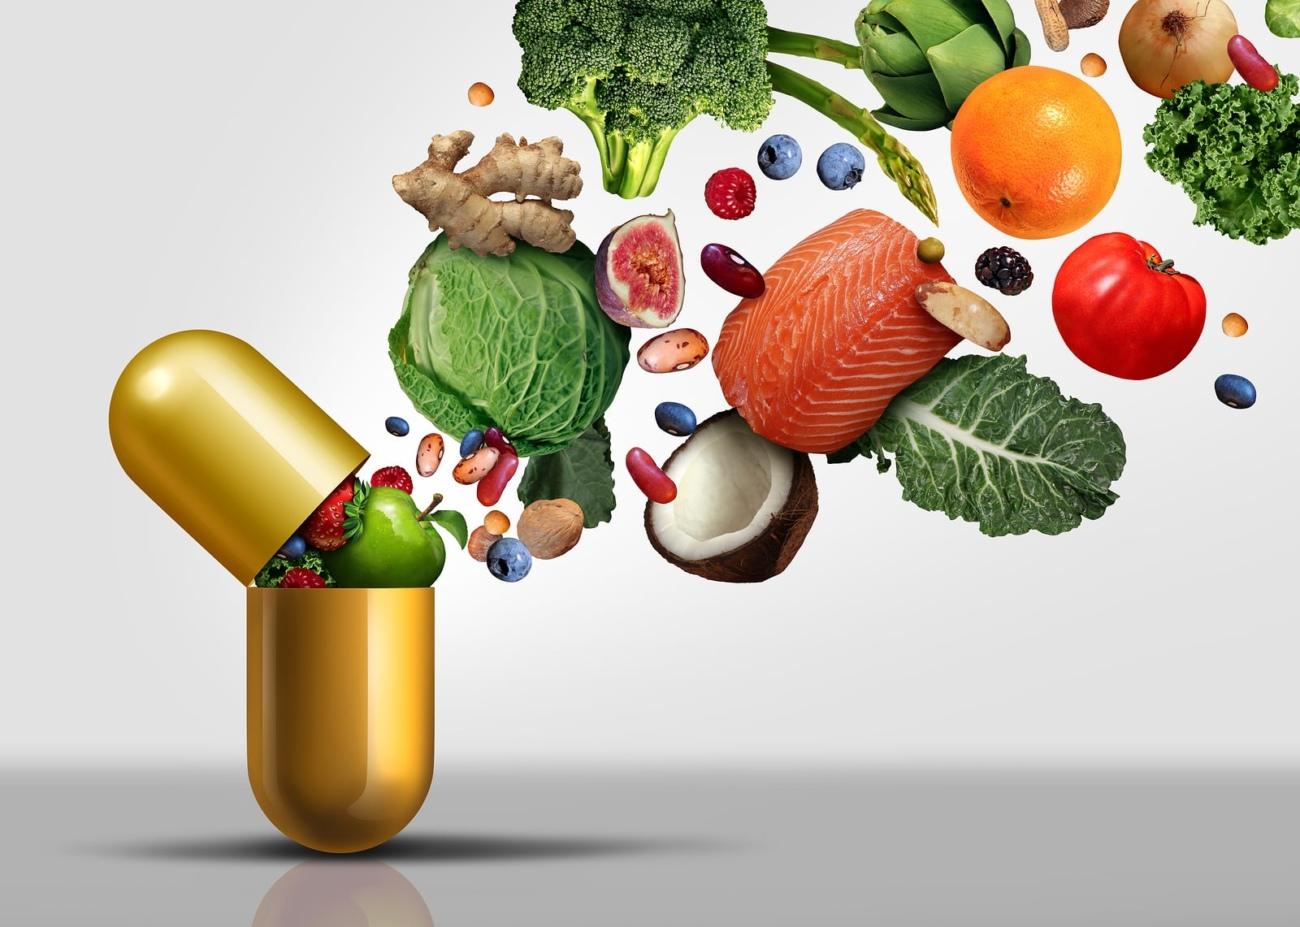 Центр здоров'я Solard - Возможно дело не в стрессе? Как витамины и минералы влияют на ваше самочувствие. - 1